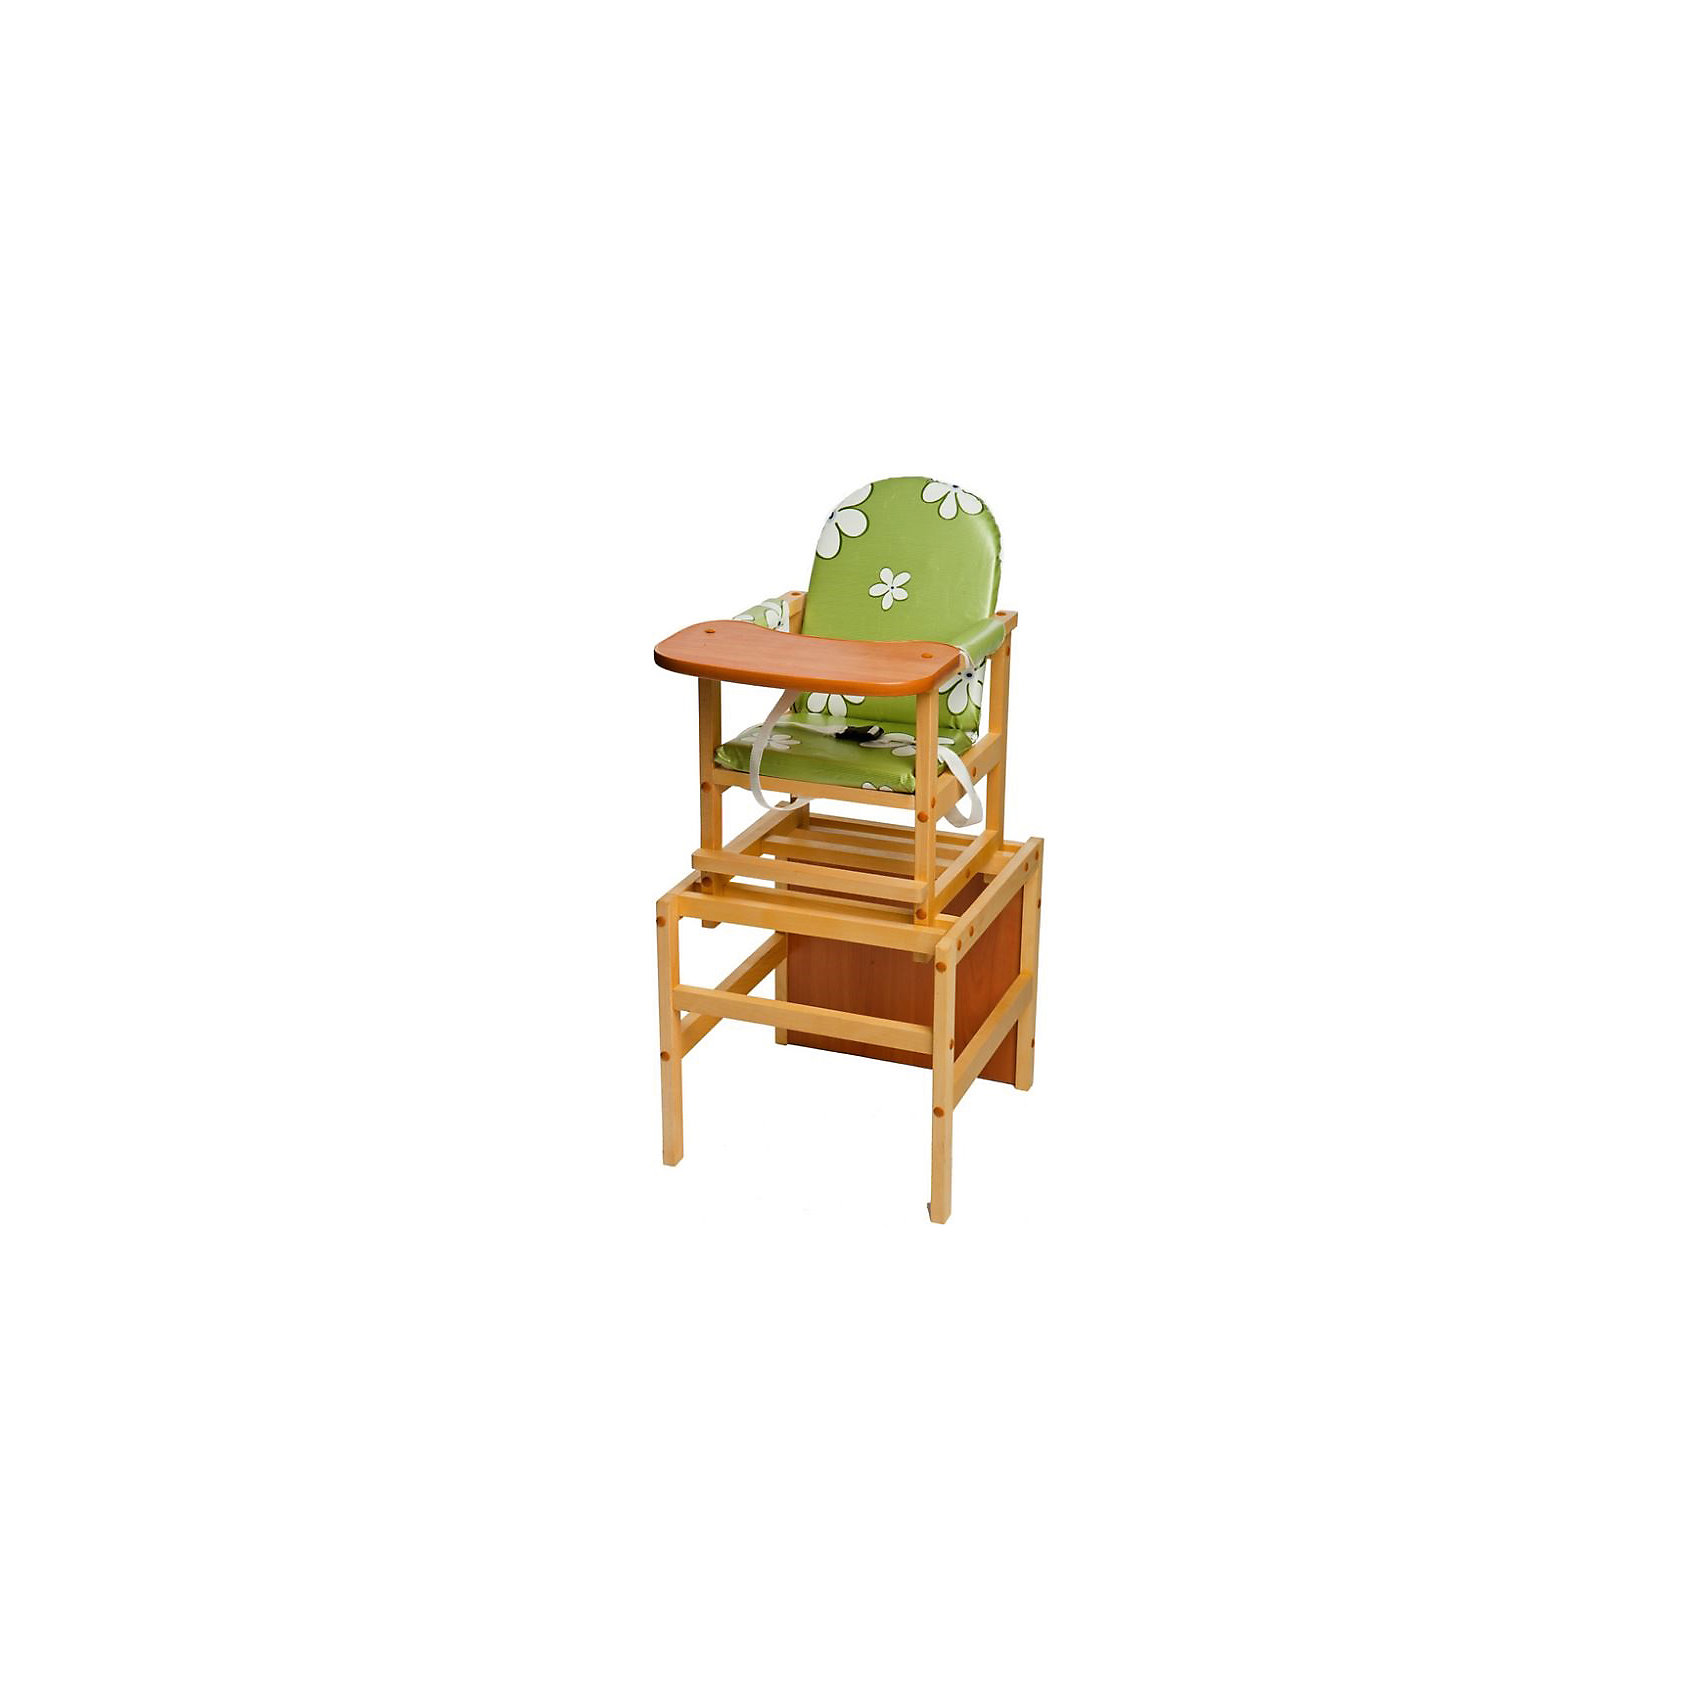 ПМДК Стульчик-трансформер Октябренок Ромашки, ПМДК, зеленый стул трансформер для кормления октябренок ромашки зеленый